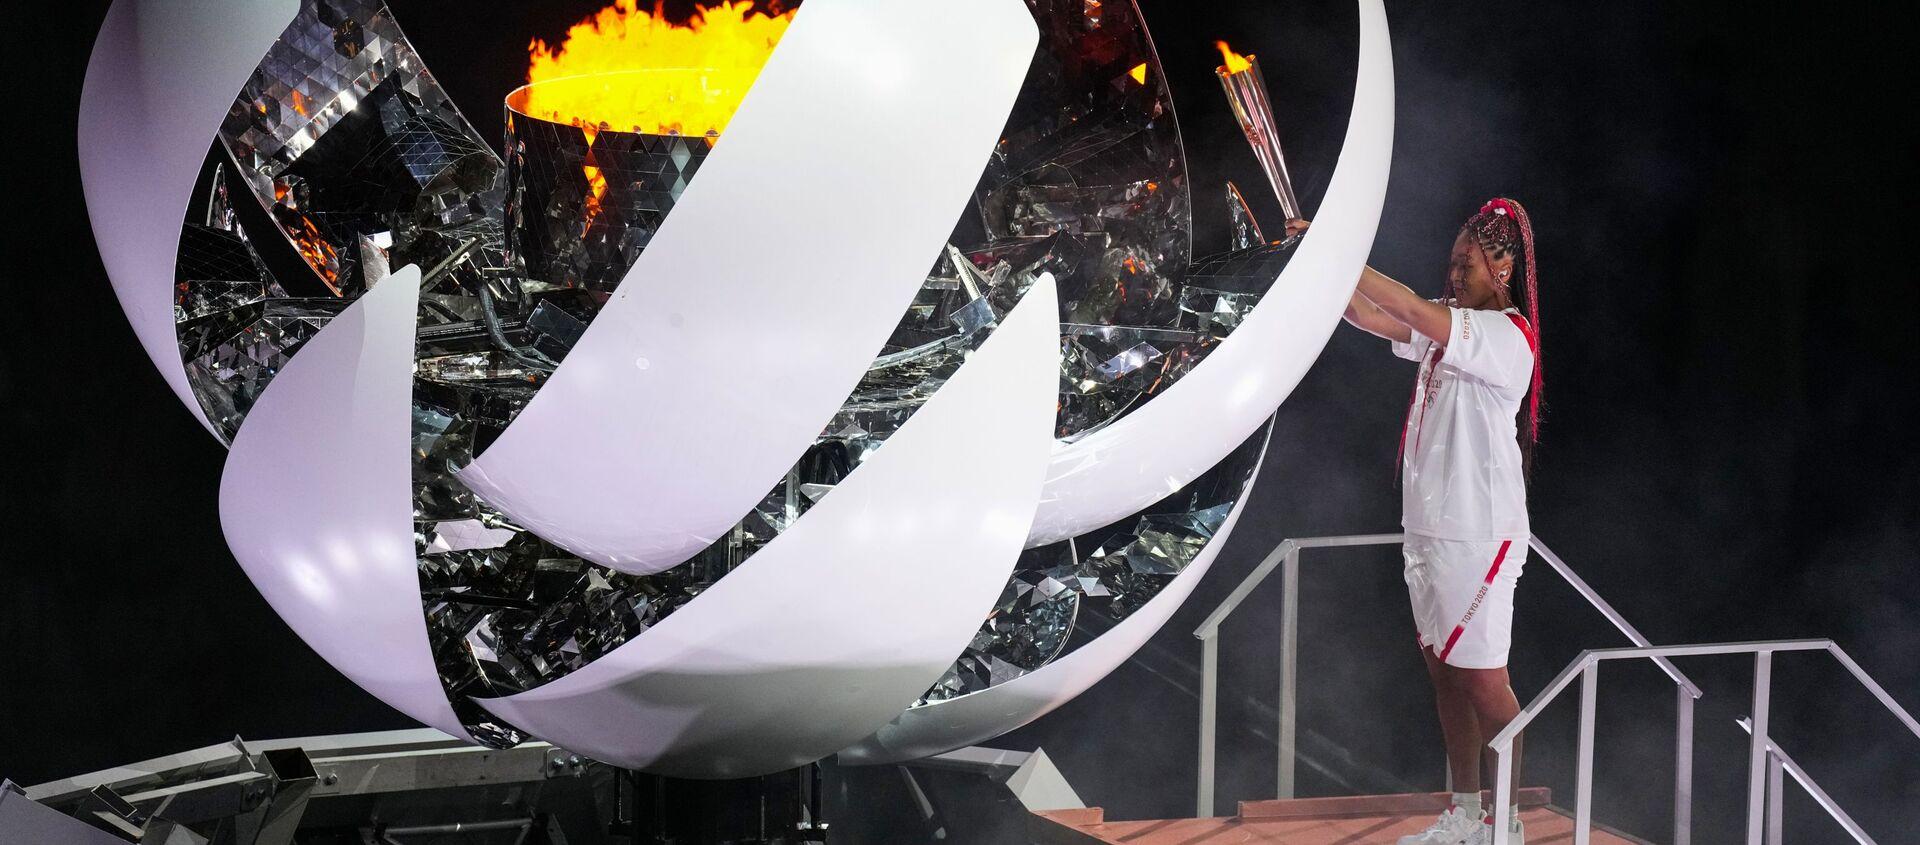 Теннисистка Наоми Осака зажигает олимпийский огонь на церемонии открытия XXXII летних Олимпийских игр в Токио - Sputnik Грузия, 1920, 03.08.2021